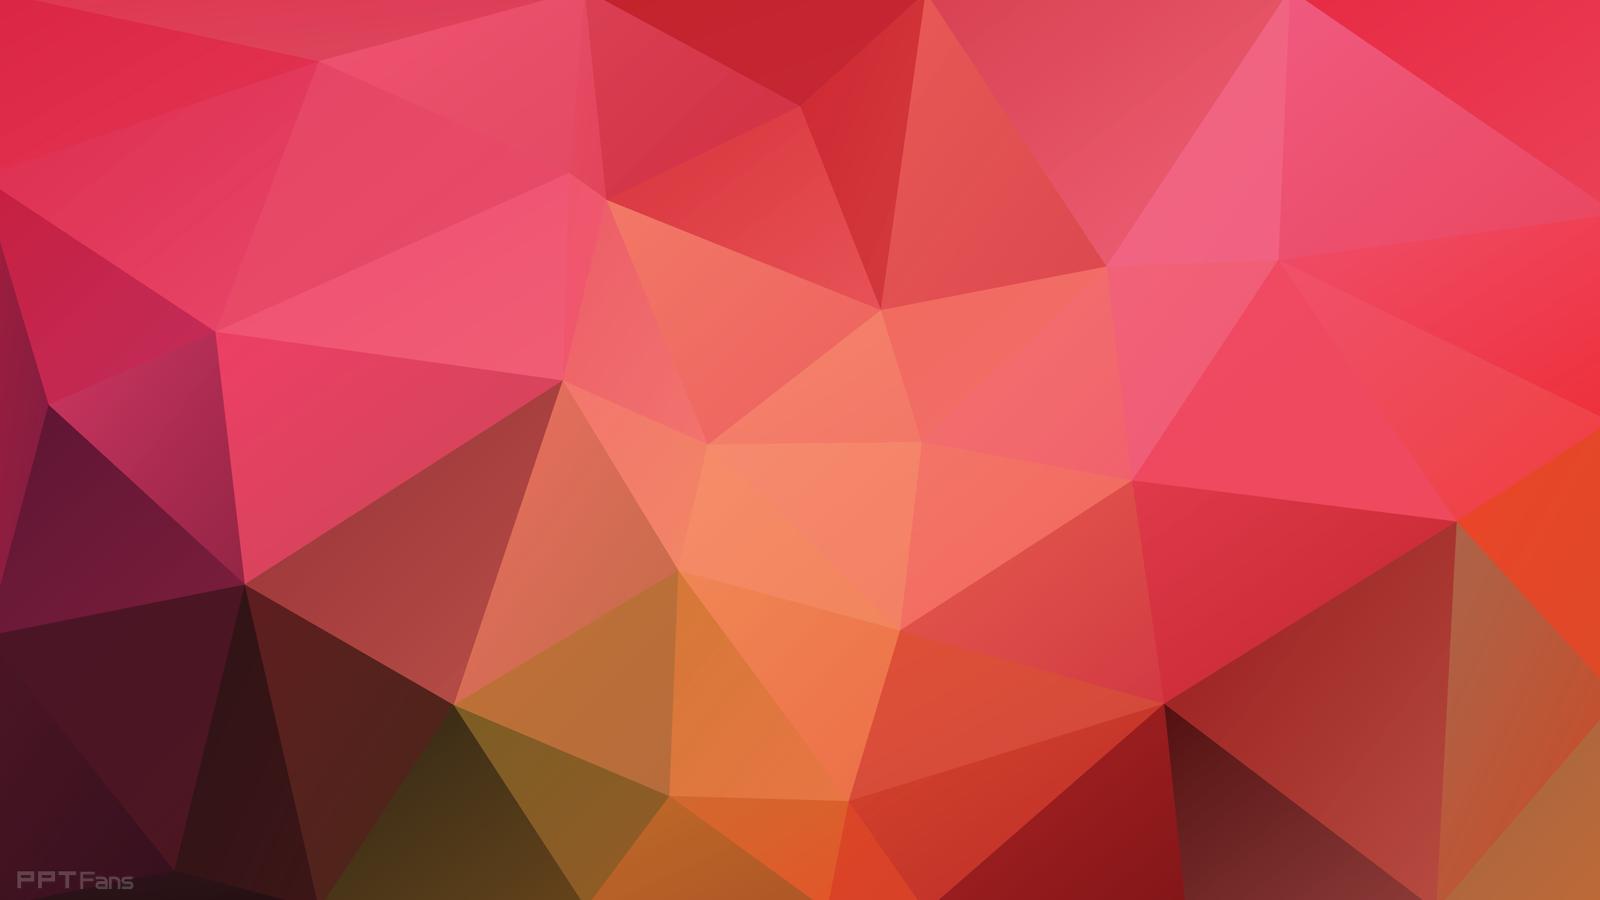 高清晰时尚低多边形ppt背景图打包分享(第四弹 26张) Ppt设计教程网